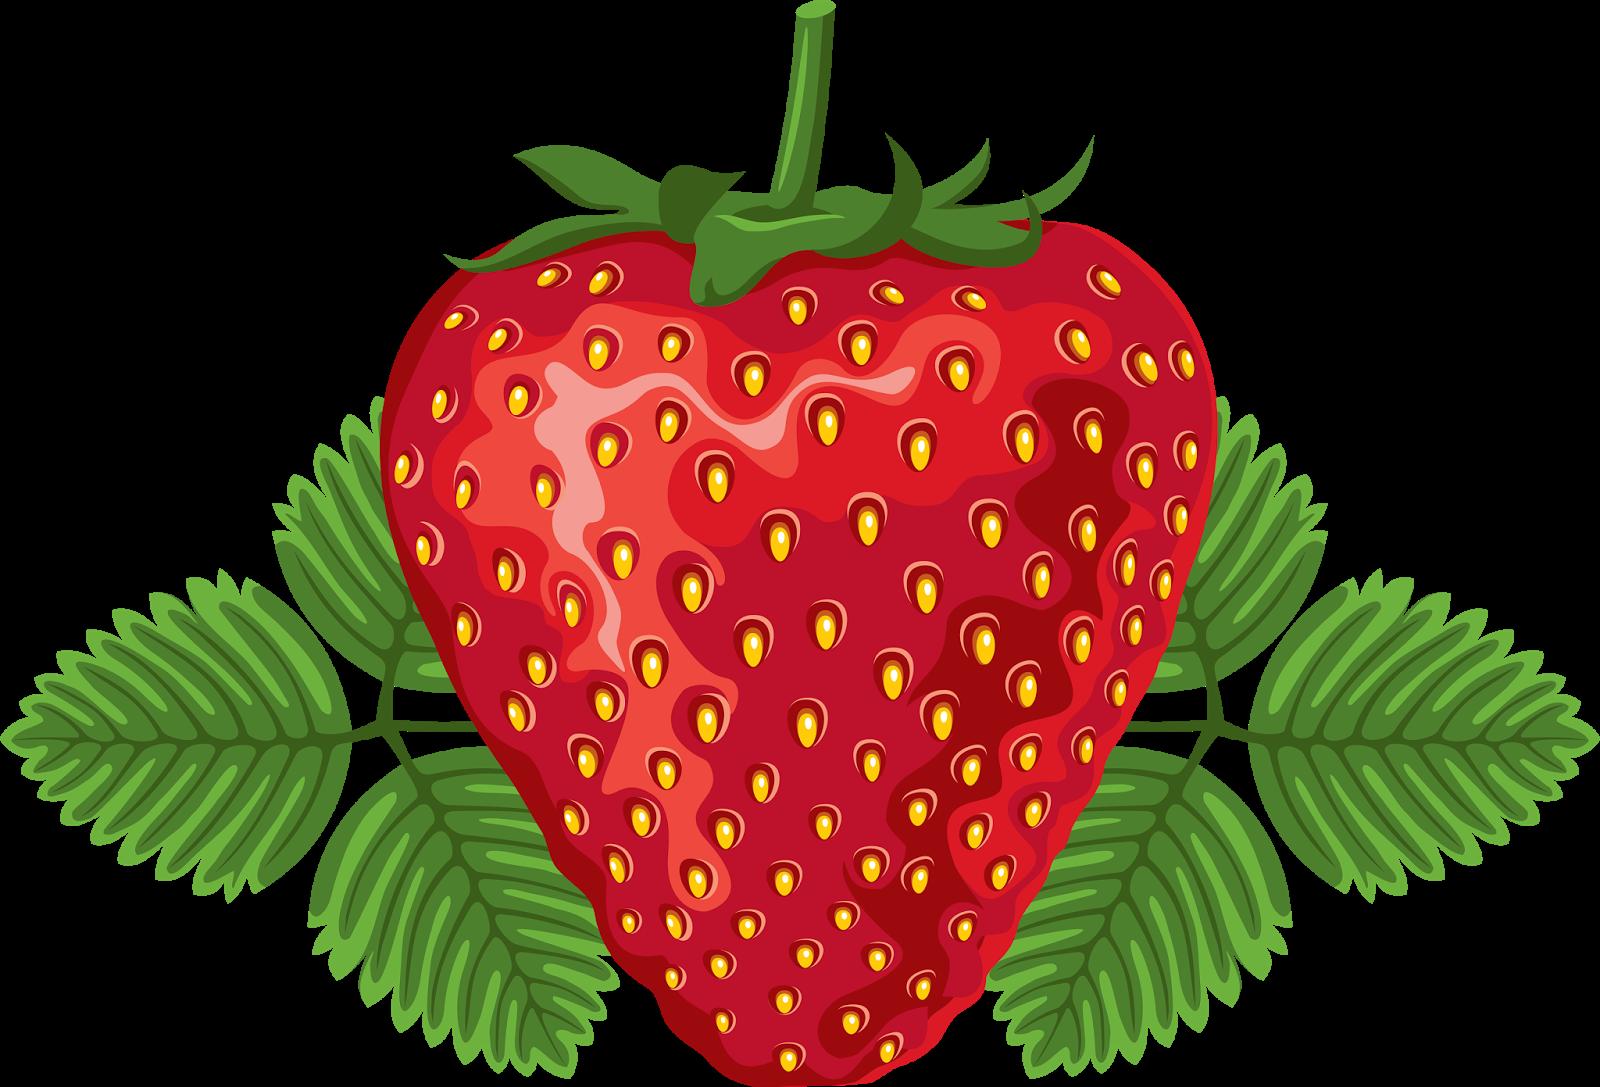 contoh ketiga pilihan warna mewarnai gambar buah strawberry